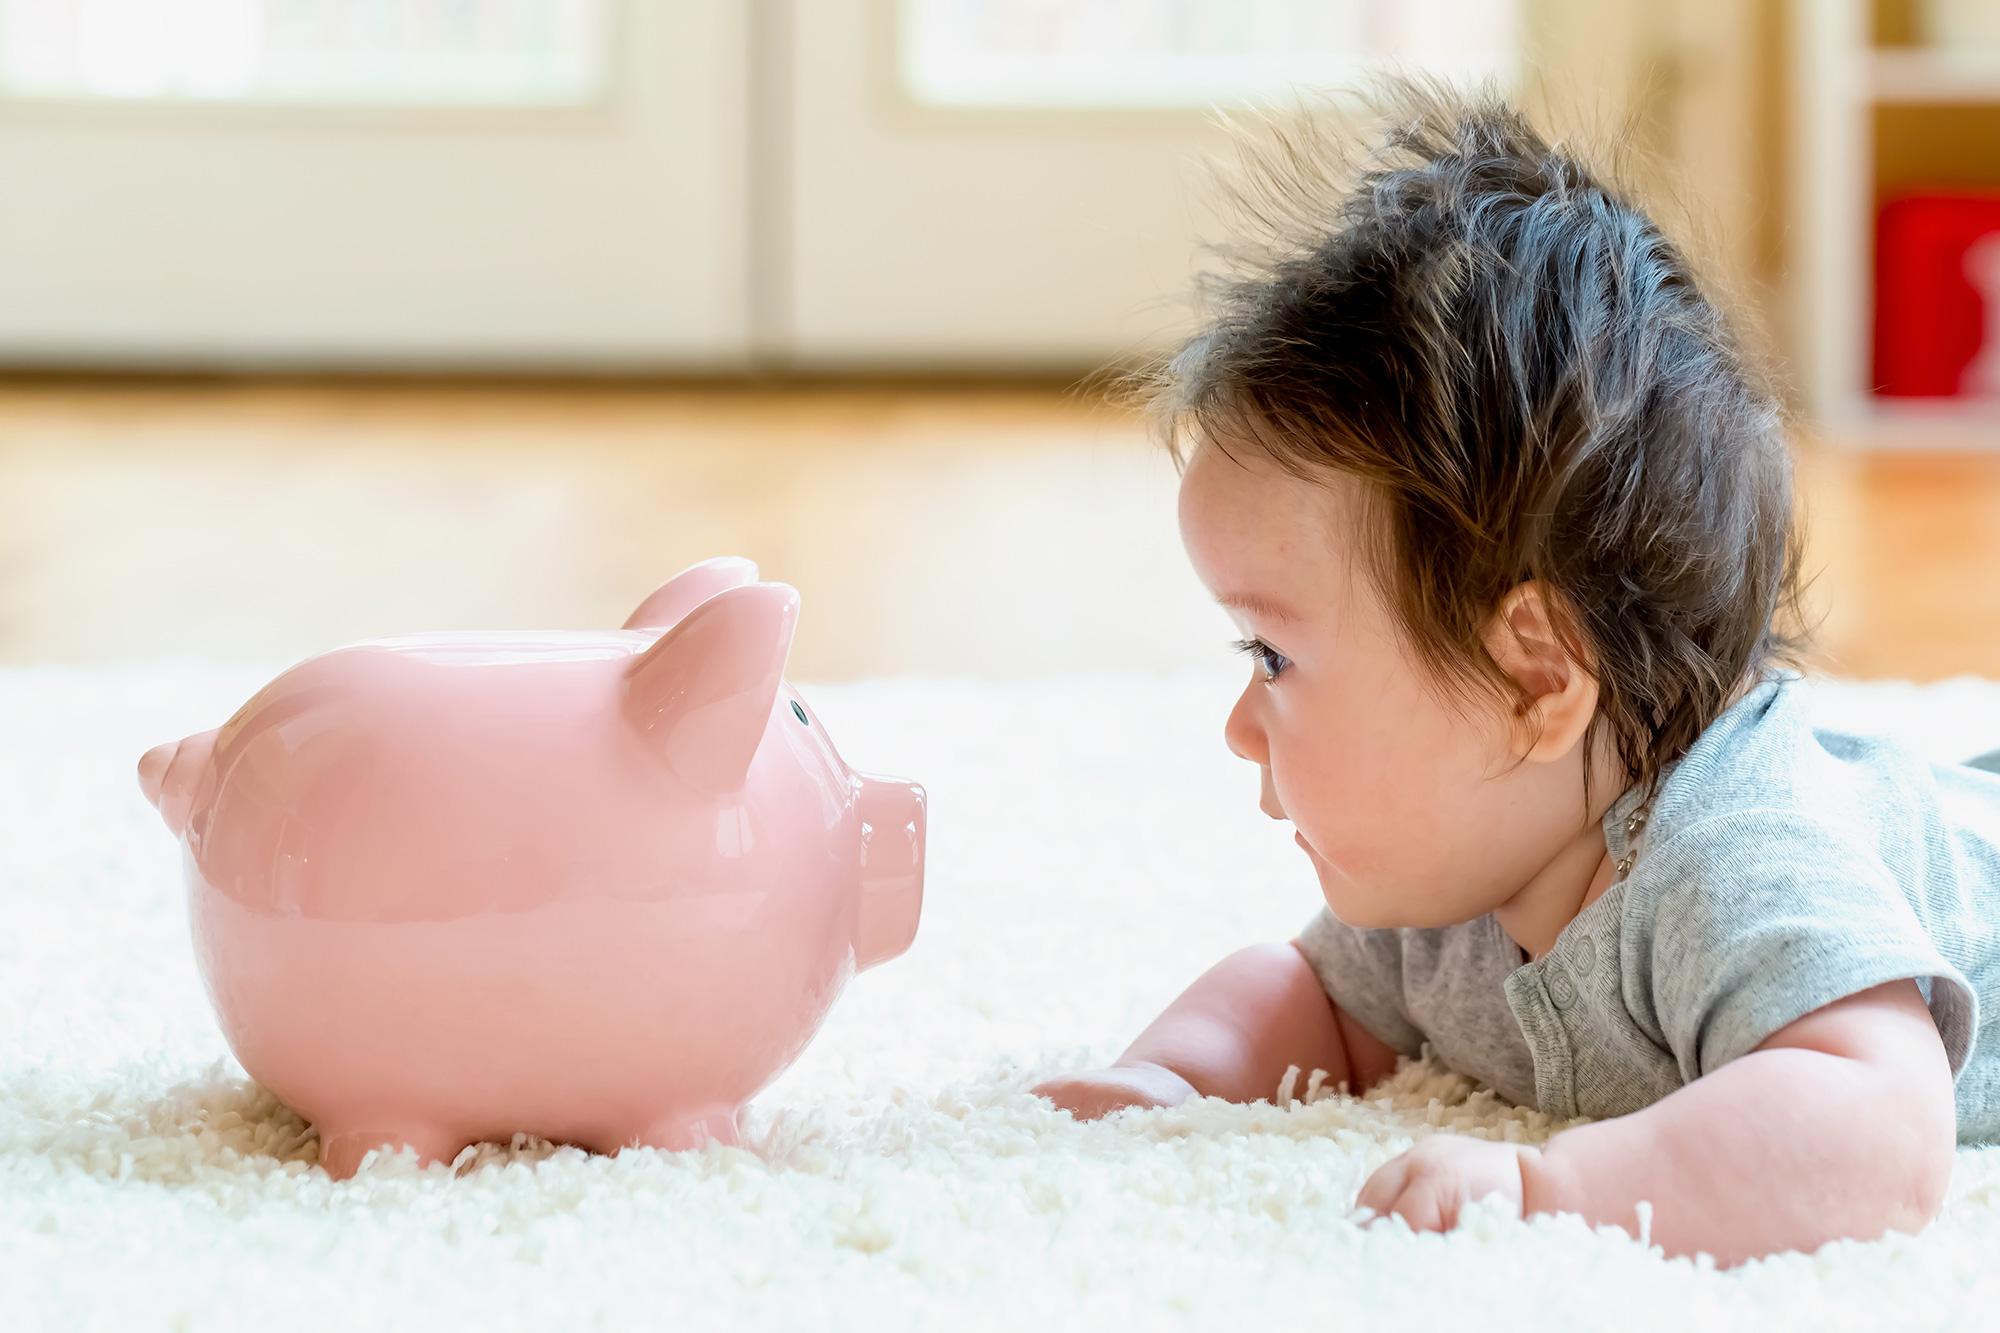 赤ちゃんと貯金箱